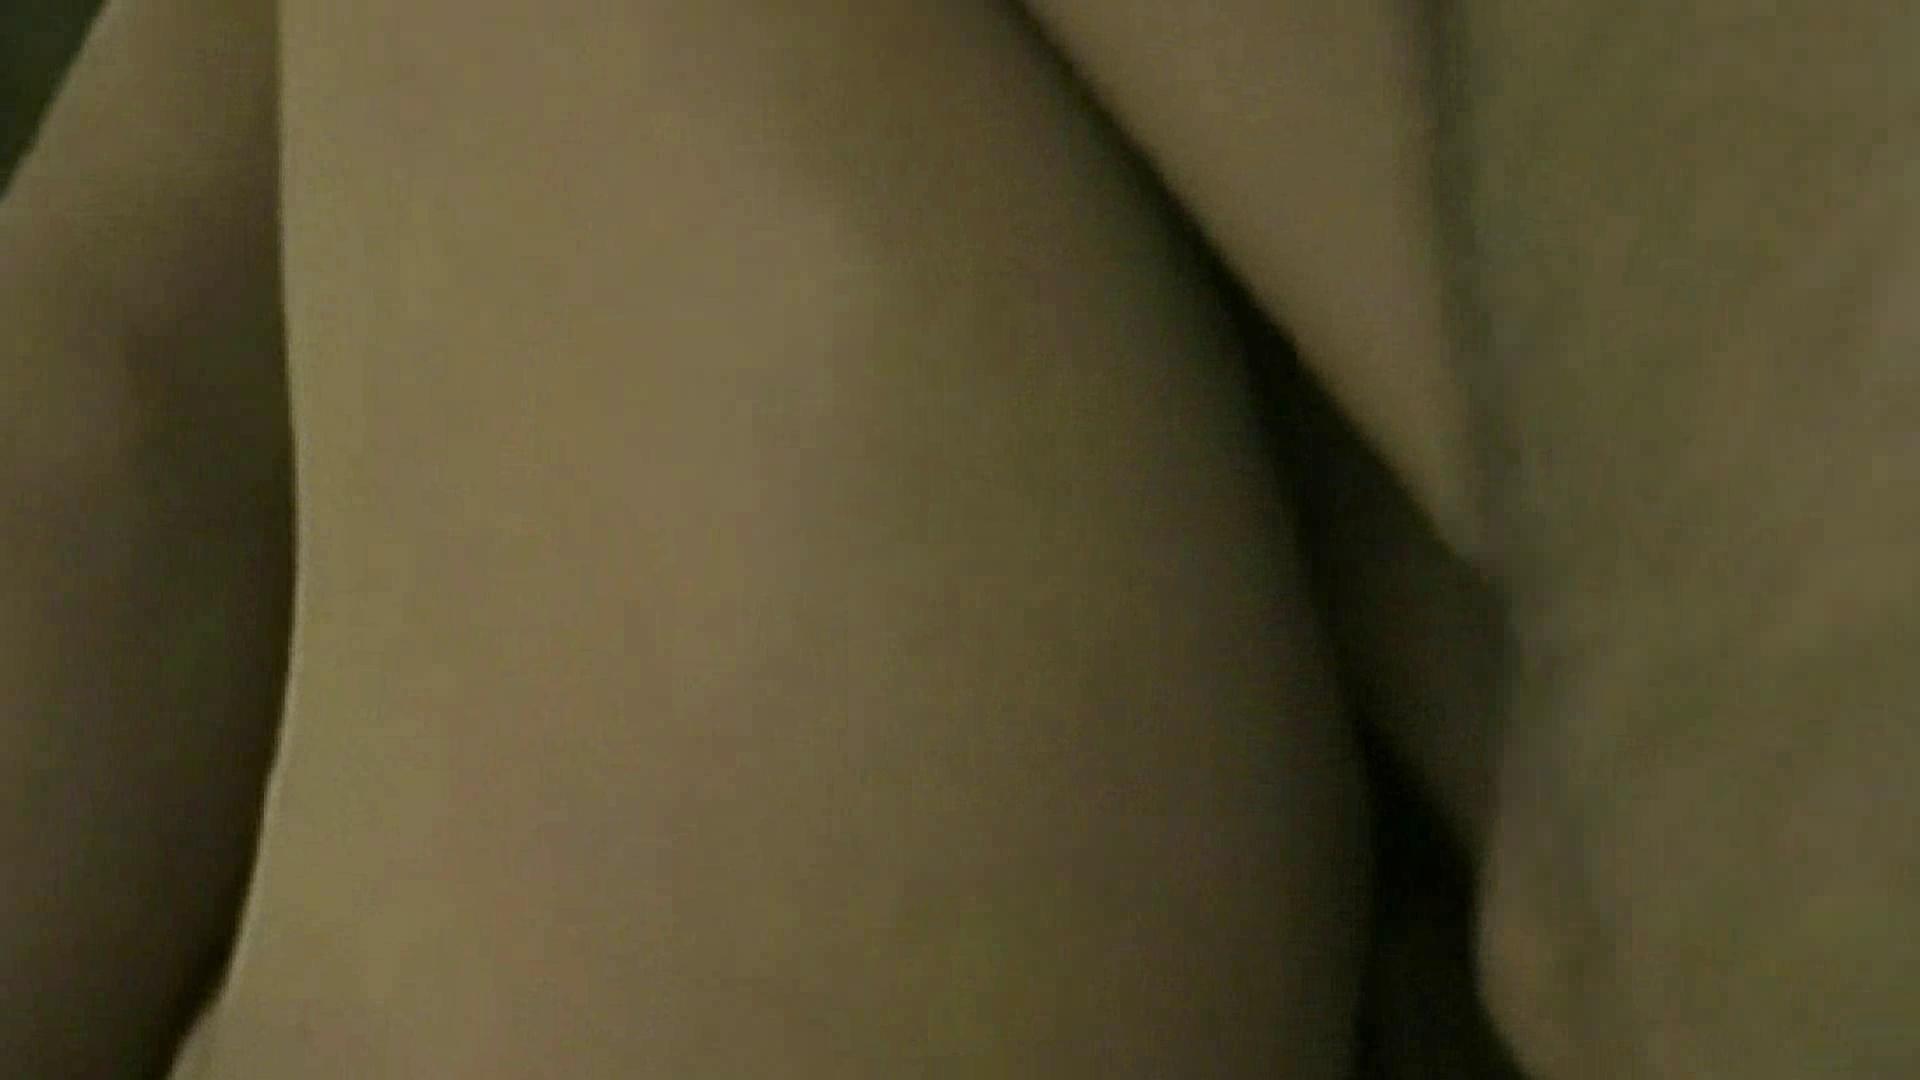 最愛の妻 TAKAKO 愛のSEX Vol.01 SEX映像  106pic 32